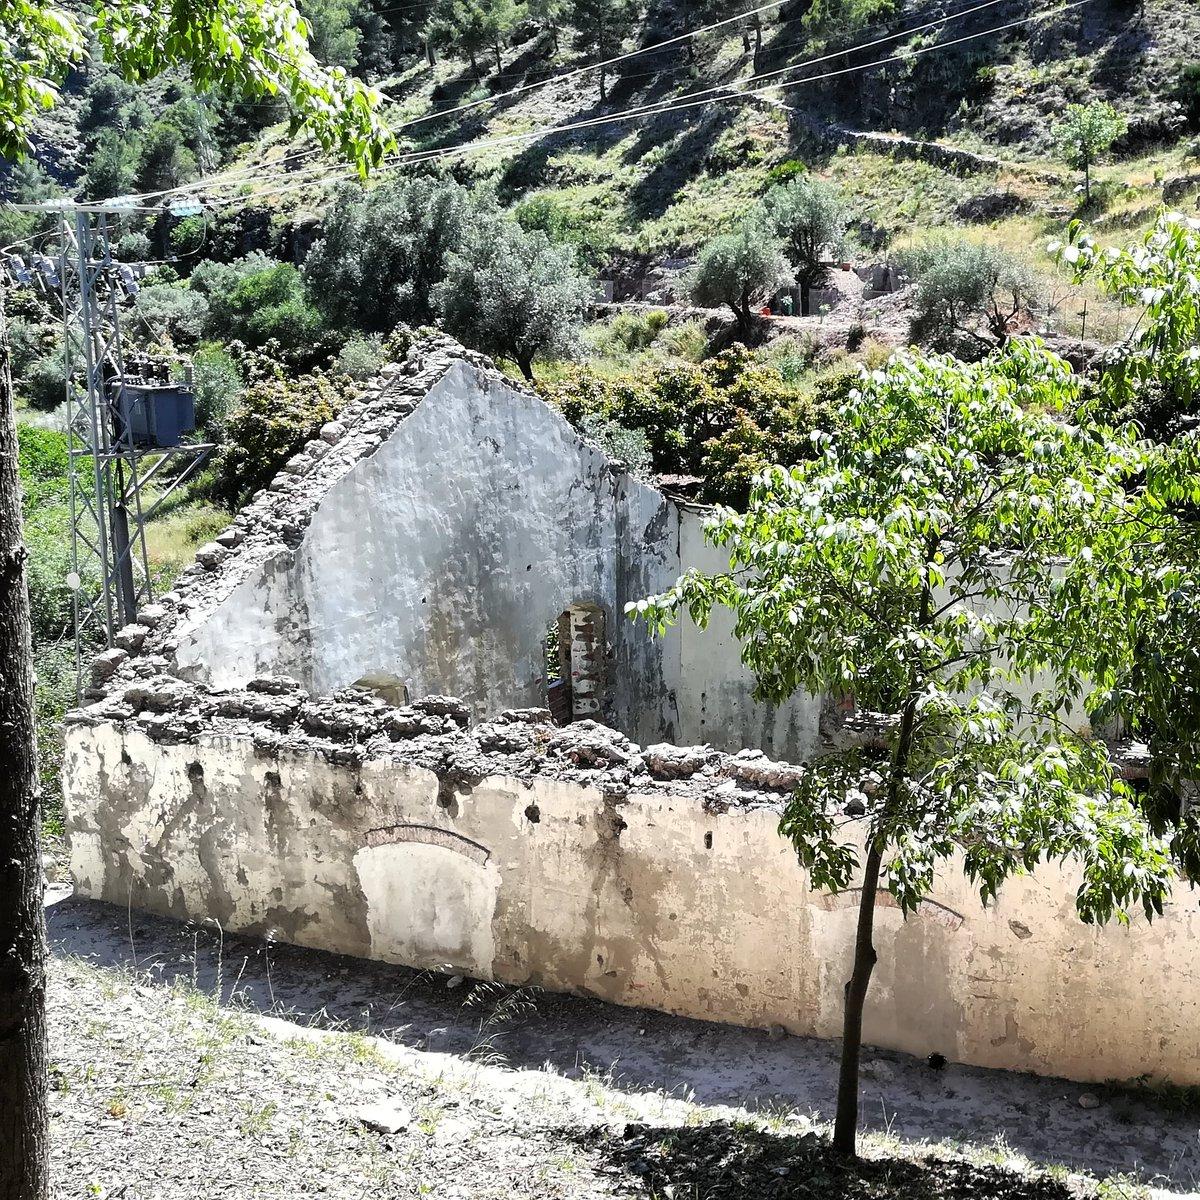 En Fábrica de la Luz, Canillas de Albaida, Málaga. #fabricadelaluz #konmegan #canillasdealbaida #mountain #pozasdeagua #ruinas #Málaga #montaña #megustaesterincon #pueblosdemalaga #naturaleza #lifestyle #nature #blogstyle #senderismo #senderos #Senderista #lovemountains pic.twitter.com/VIPnDRAMKB